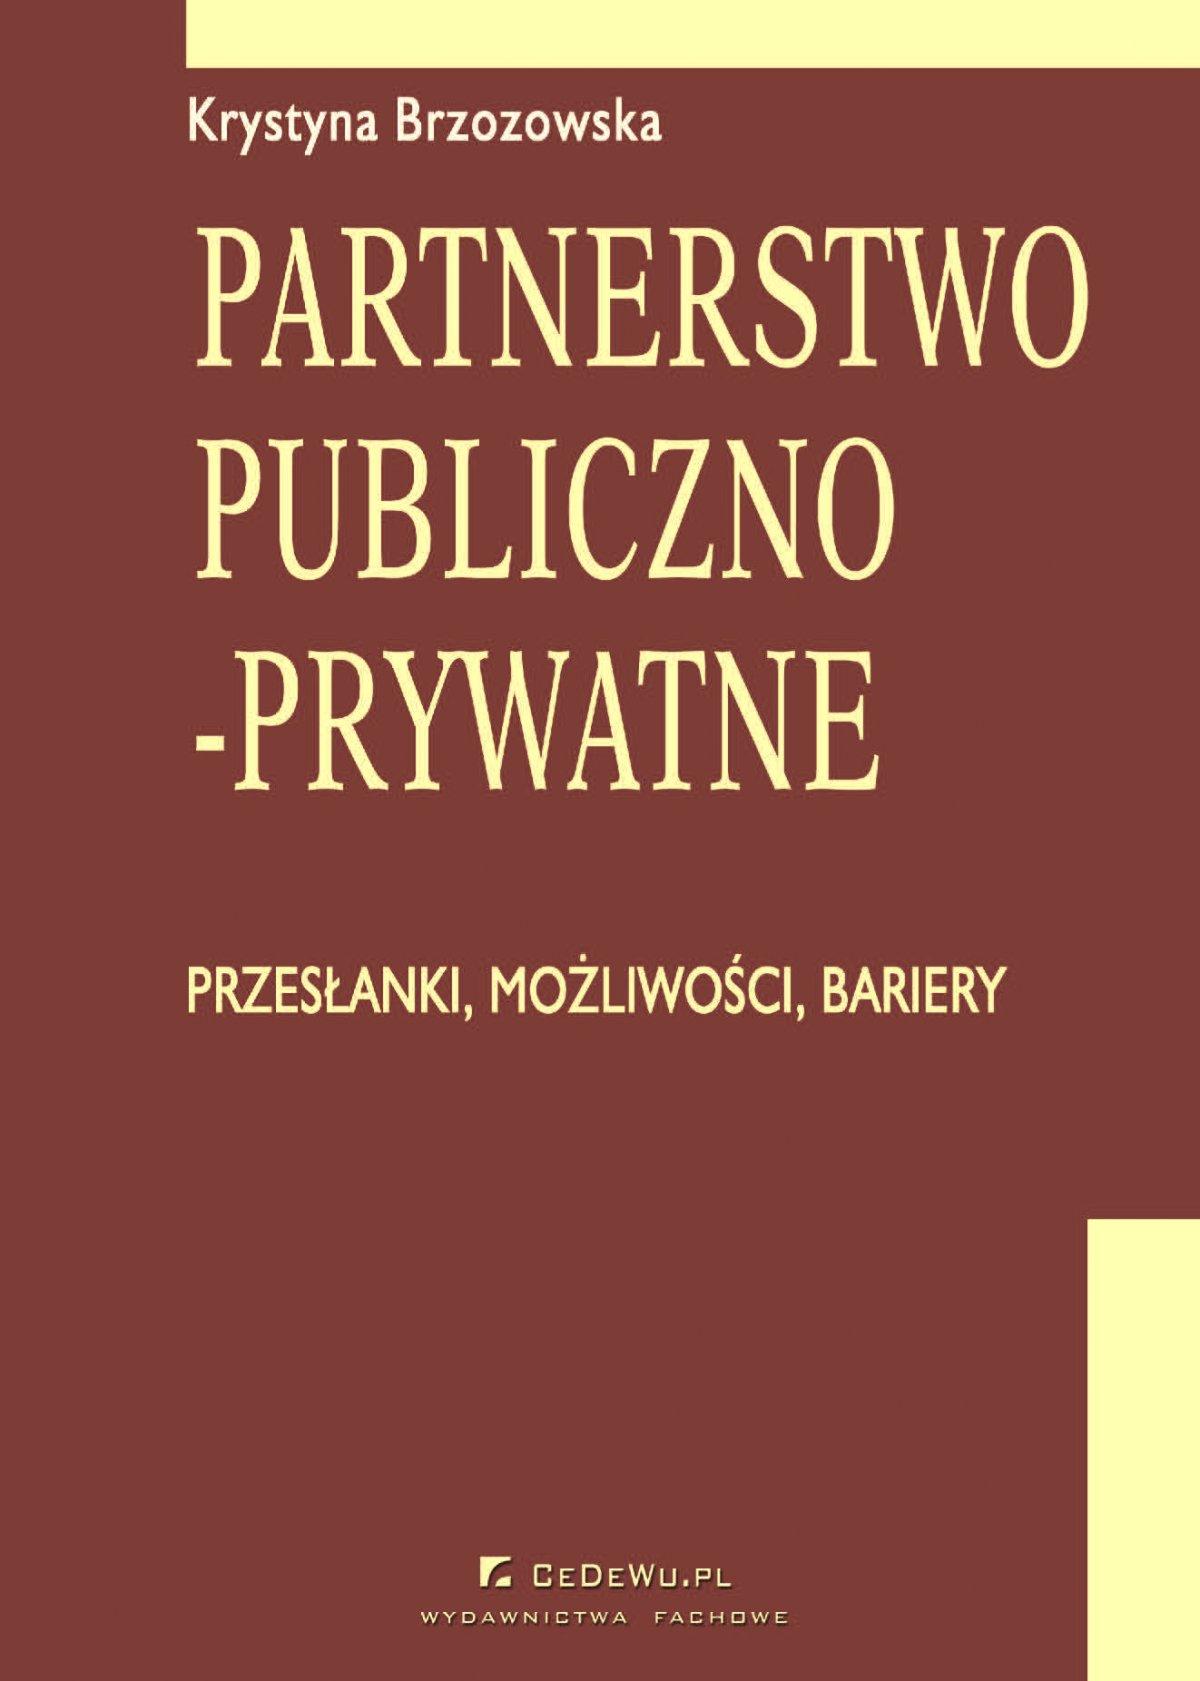 Partnerstwo publiczno-prywatne. Przesłanki, możliwości, bariery. Rozdział 5. Identyfikacja, ocena i zarządzanie ryzykiem inwestycyjnym - Ebook (Książka PDF) do pobrania w formacie PDF